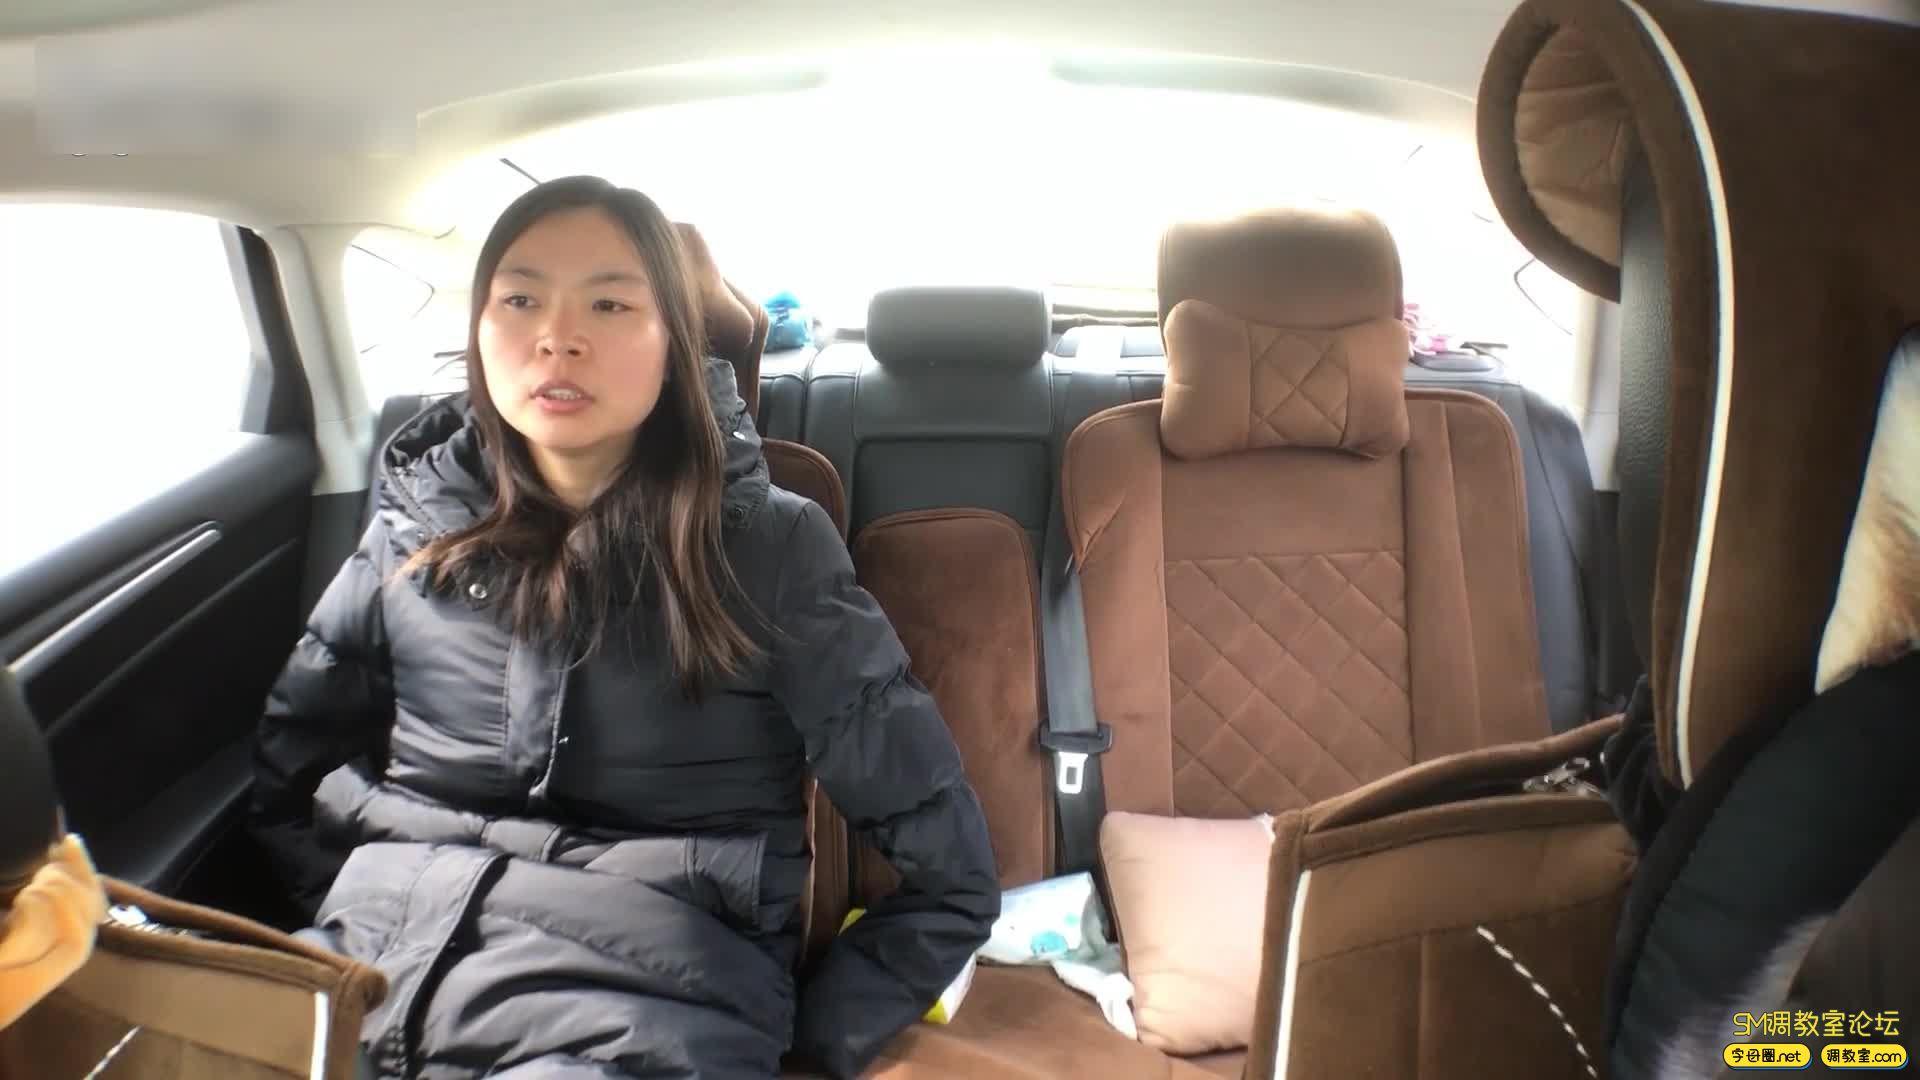 虐恋天使_培培 全程户外,挑战极限-车内捆绑 公园 建筑工地吊绑-视频截图1